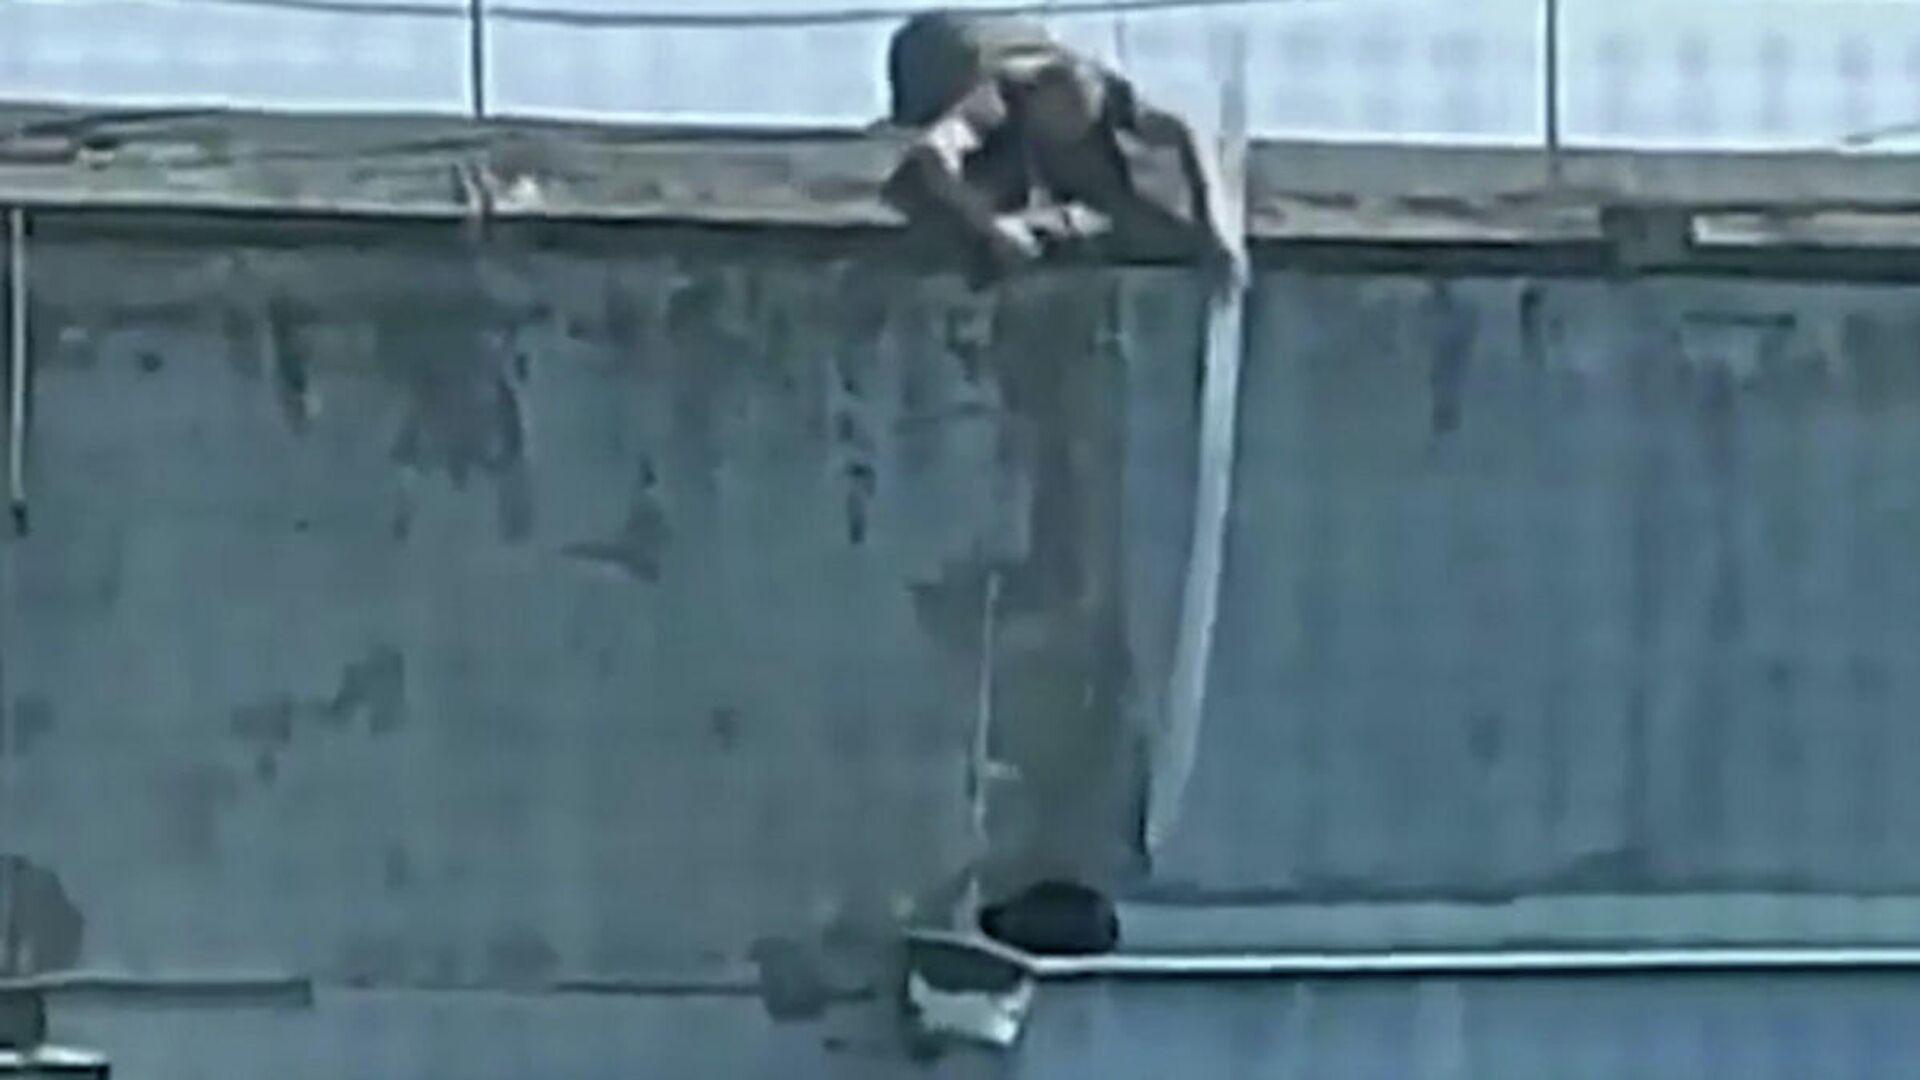 Άνδρας σώζει ριψοκίνδυνο γατούλη με έναν κουβά και ένα σχοινί - Sputnik Ελλάδα, 1920, 31.08.2021